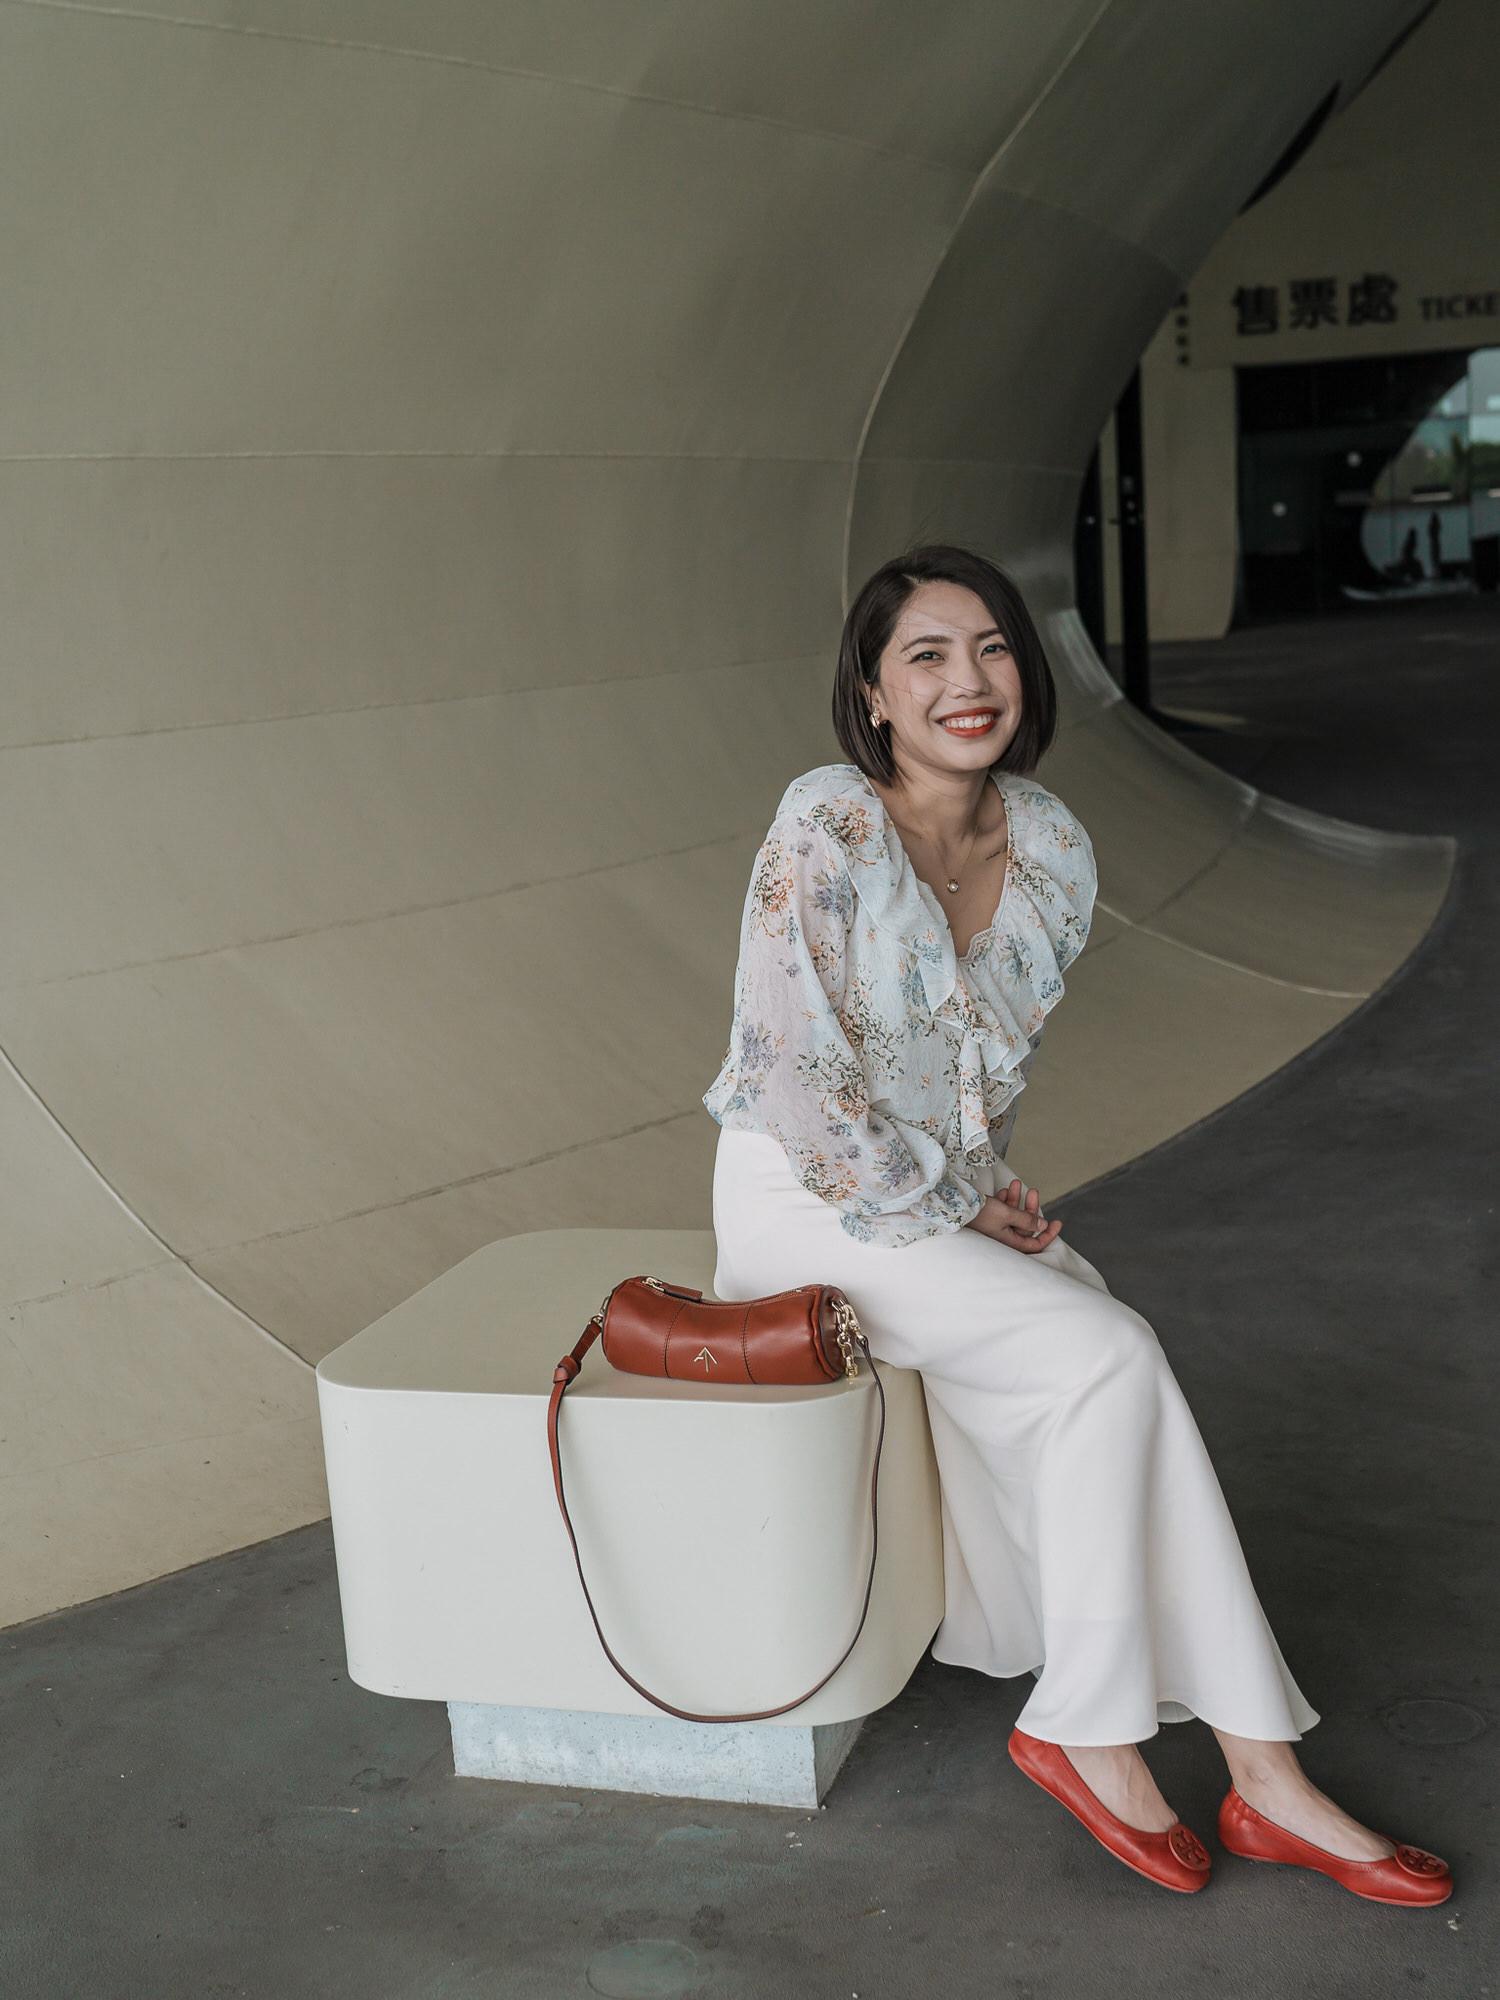 高雄旅行穿搭/Manu Atelier Cylinder Bag圓筒包 + Tory Burch Minnie Travel平底鞋,一個紅臘腸與紅龜粿的組合